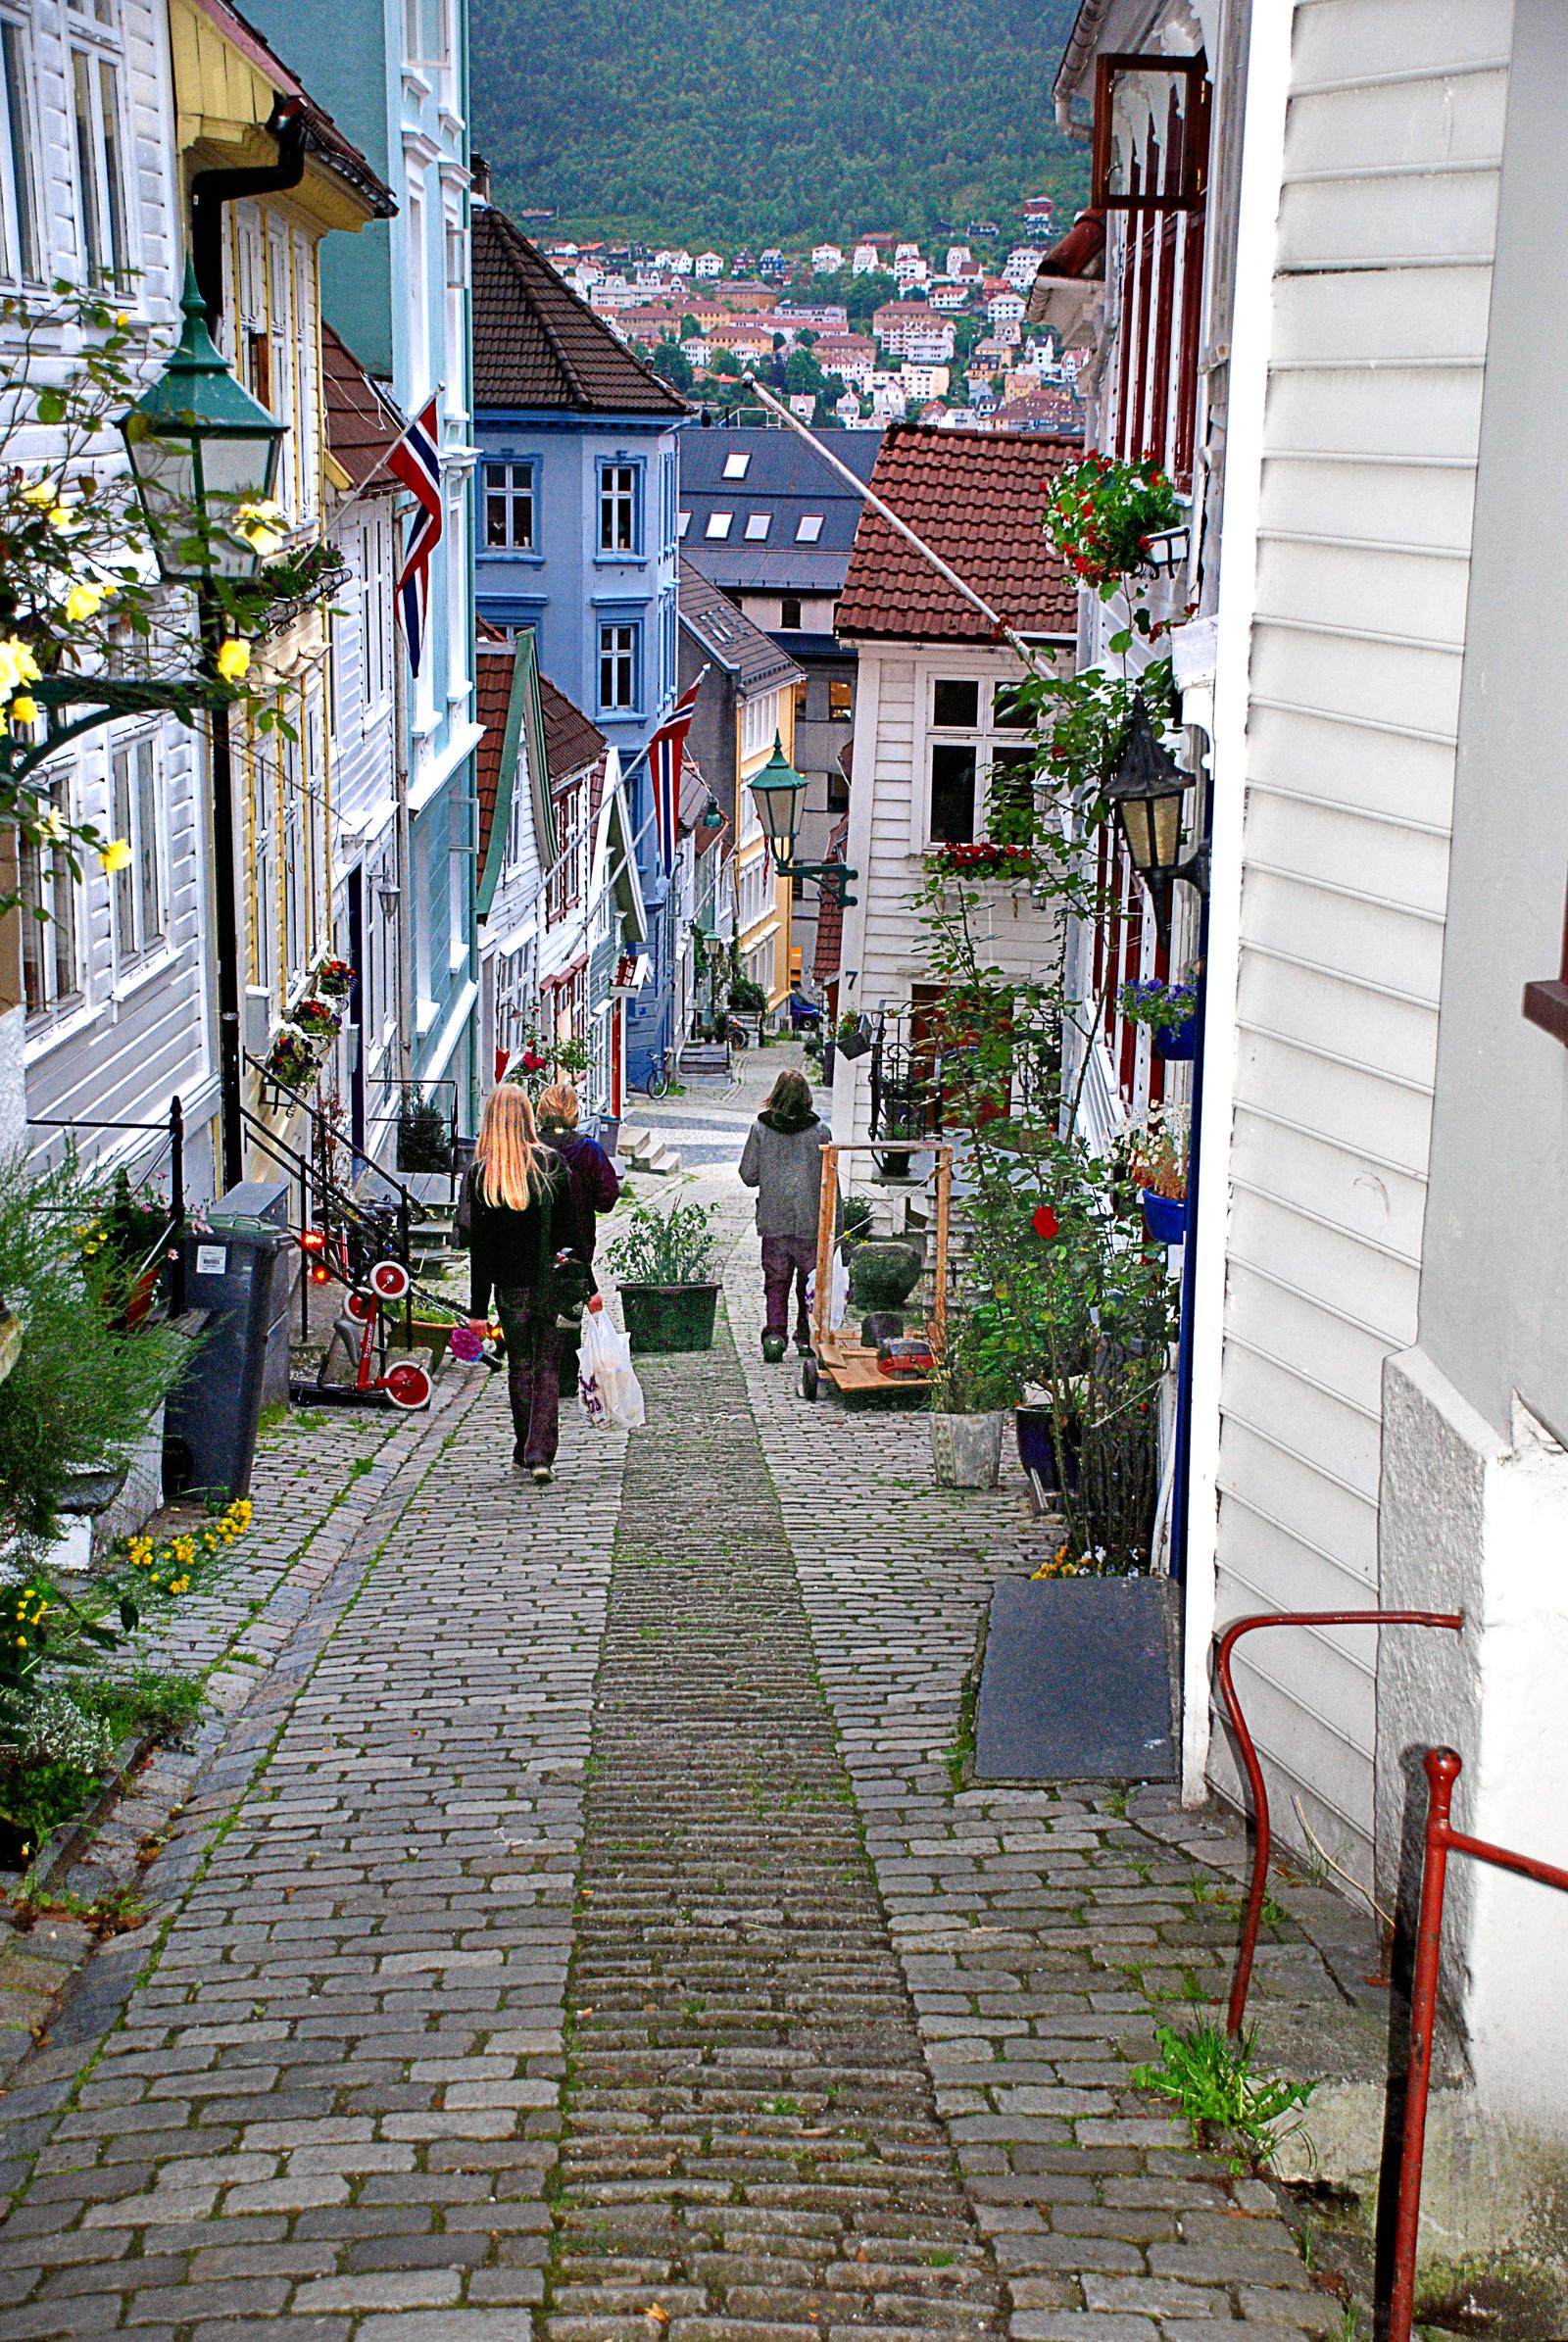 Улица города с белыми домиками